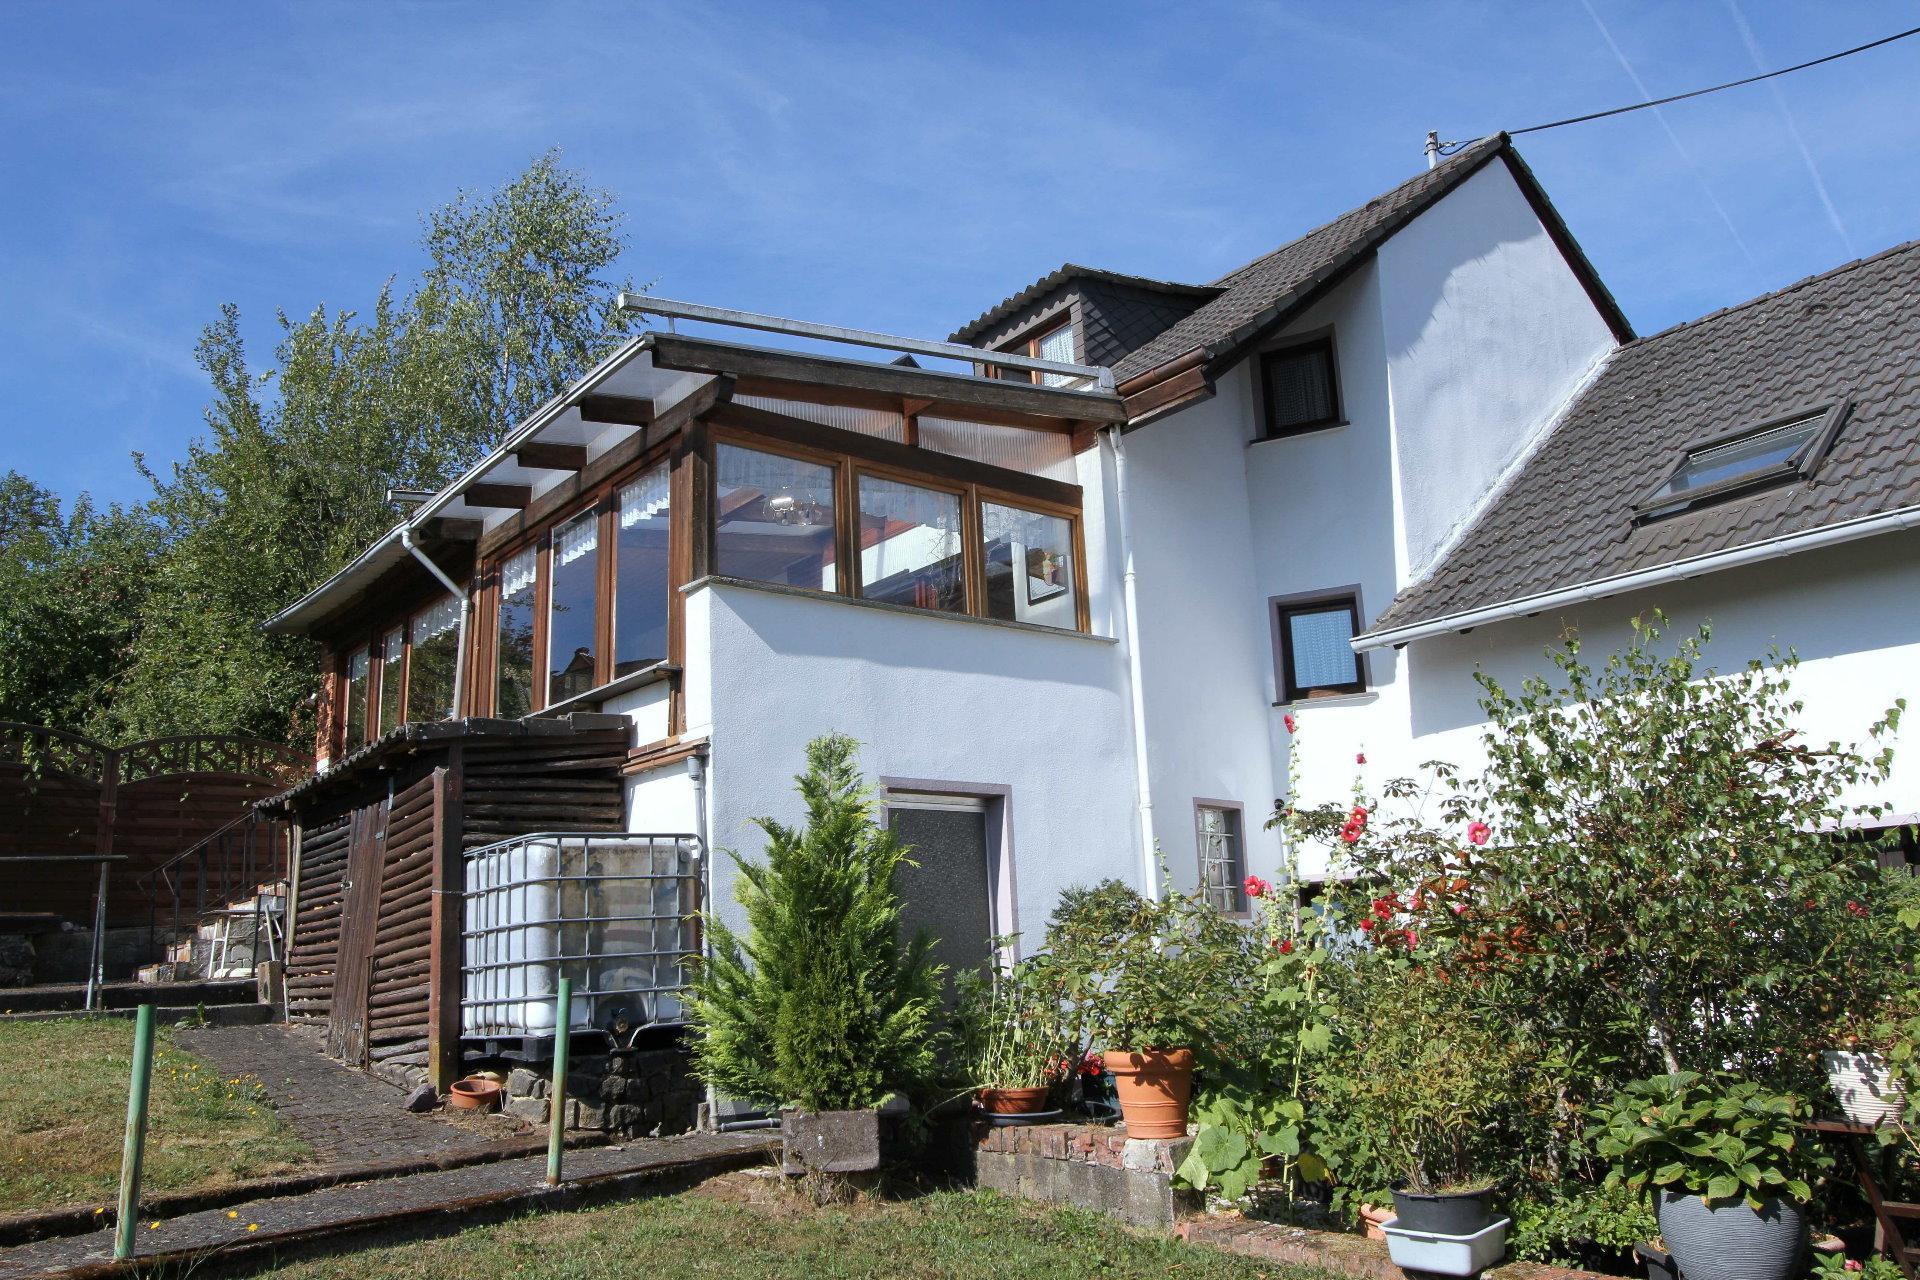 Gepflegtes Wohnhaus Mit Wintergartenahnlich Verglaster Terrasse